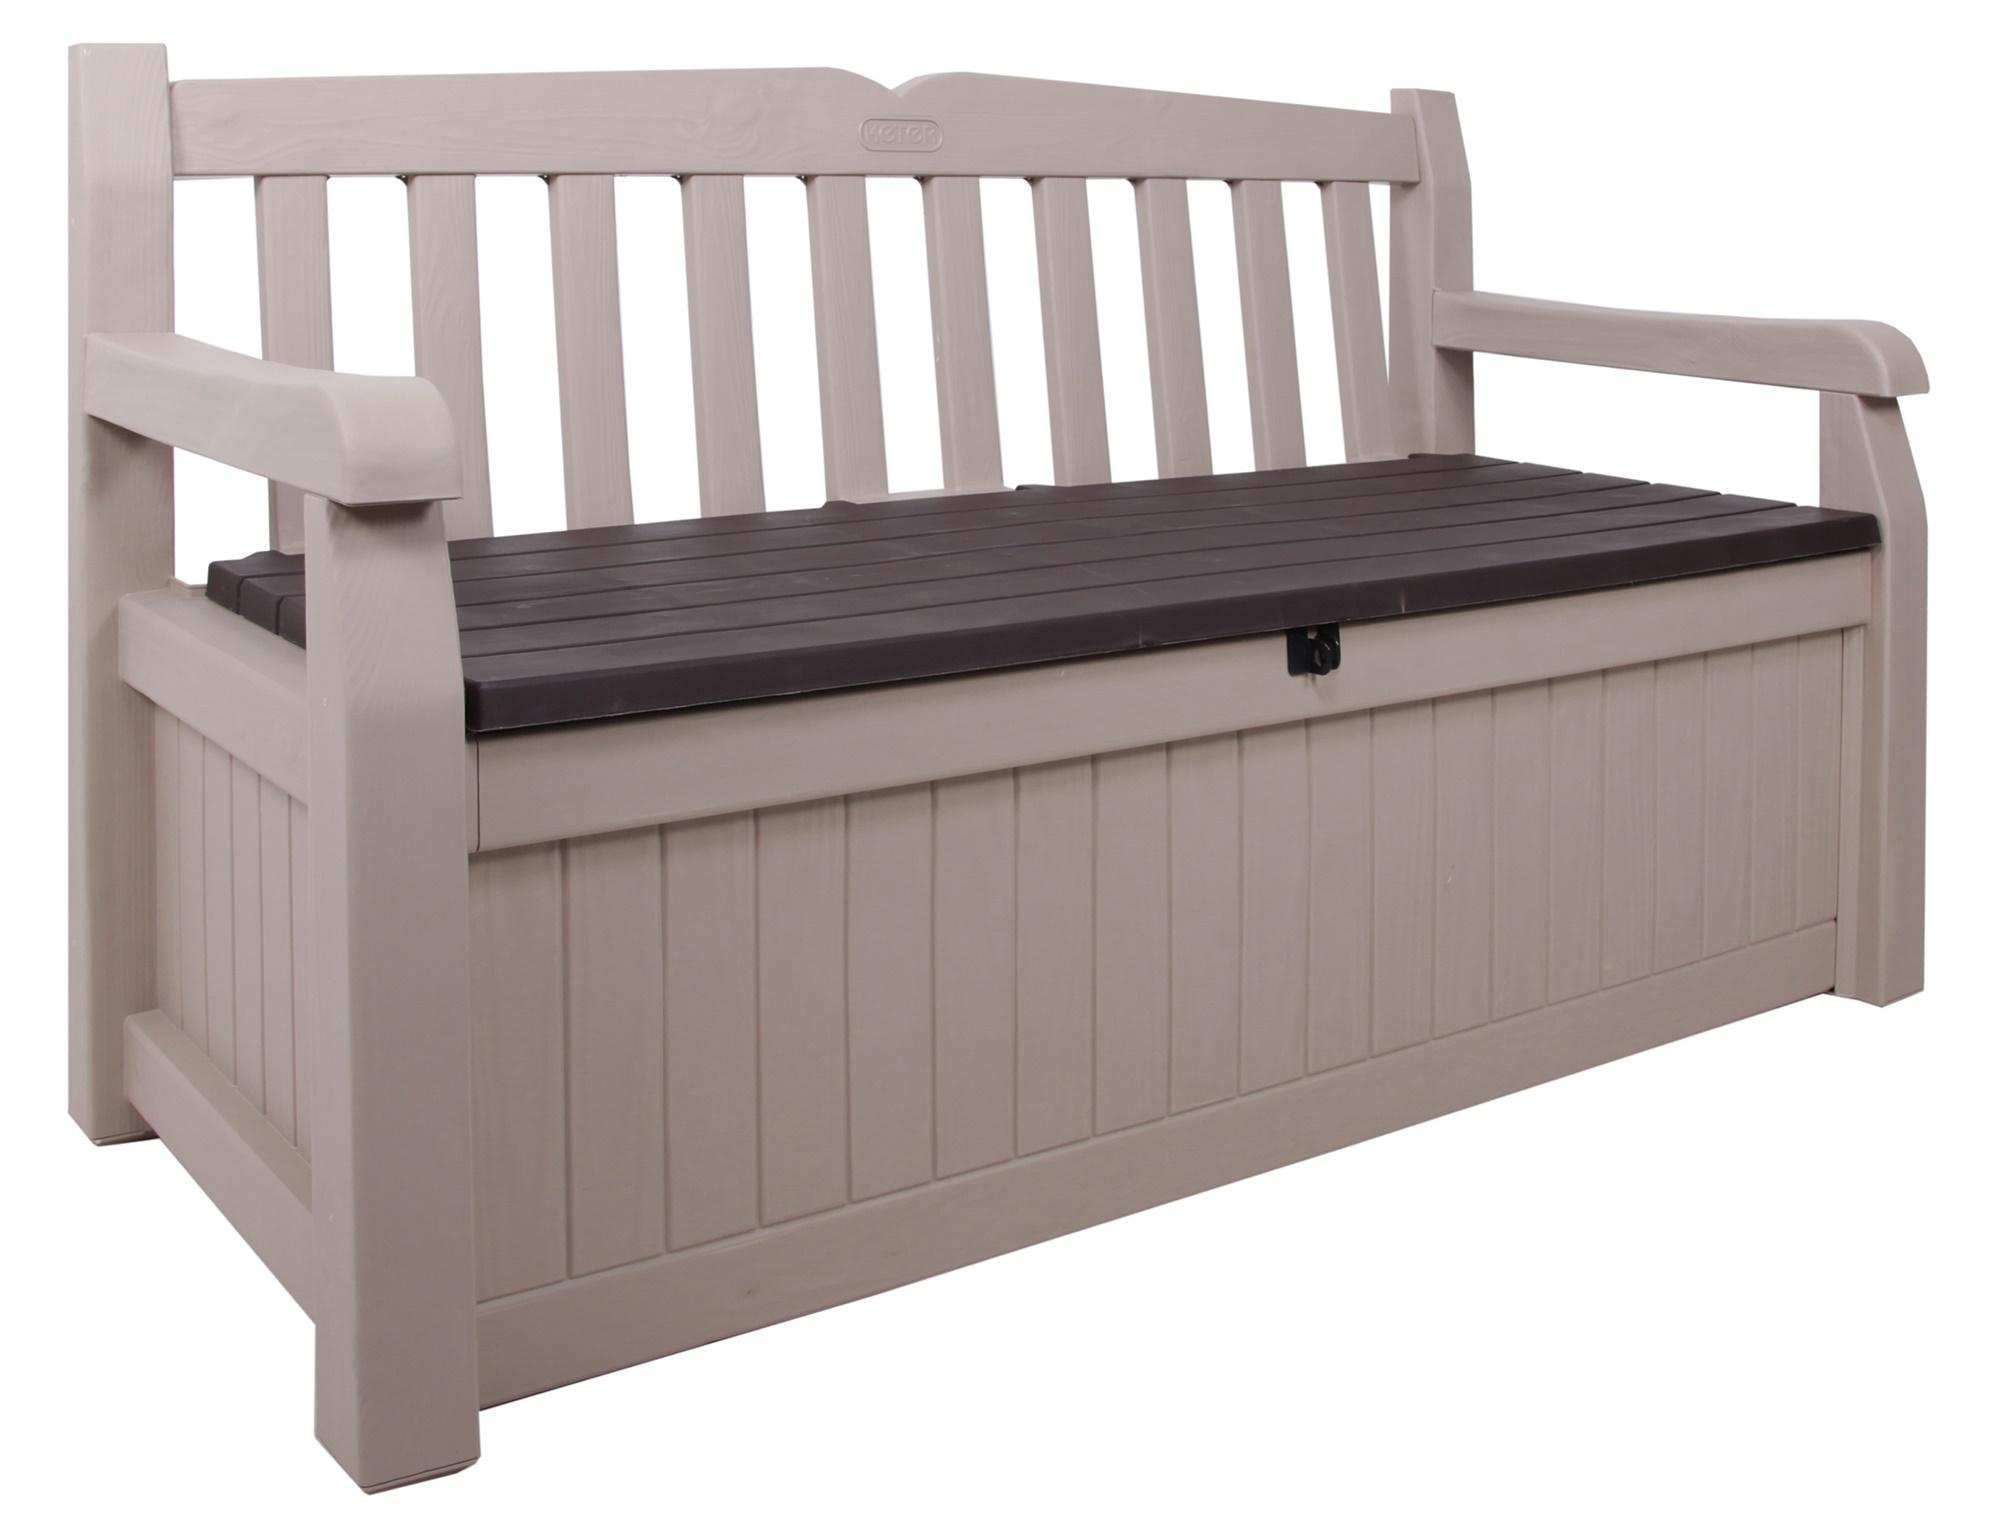 Keter Gartenbank Mit Kissenbox Moderne Und Komfortable Standard Design